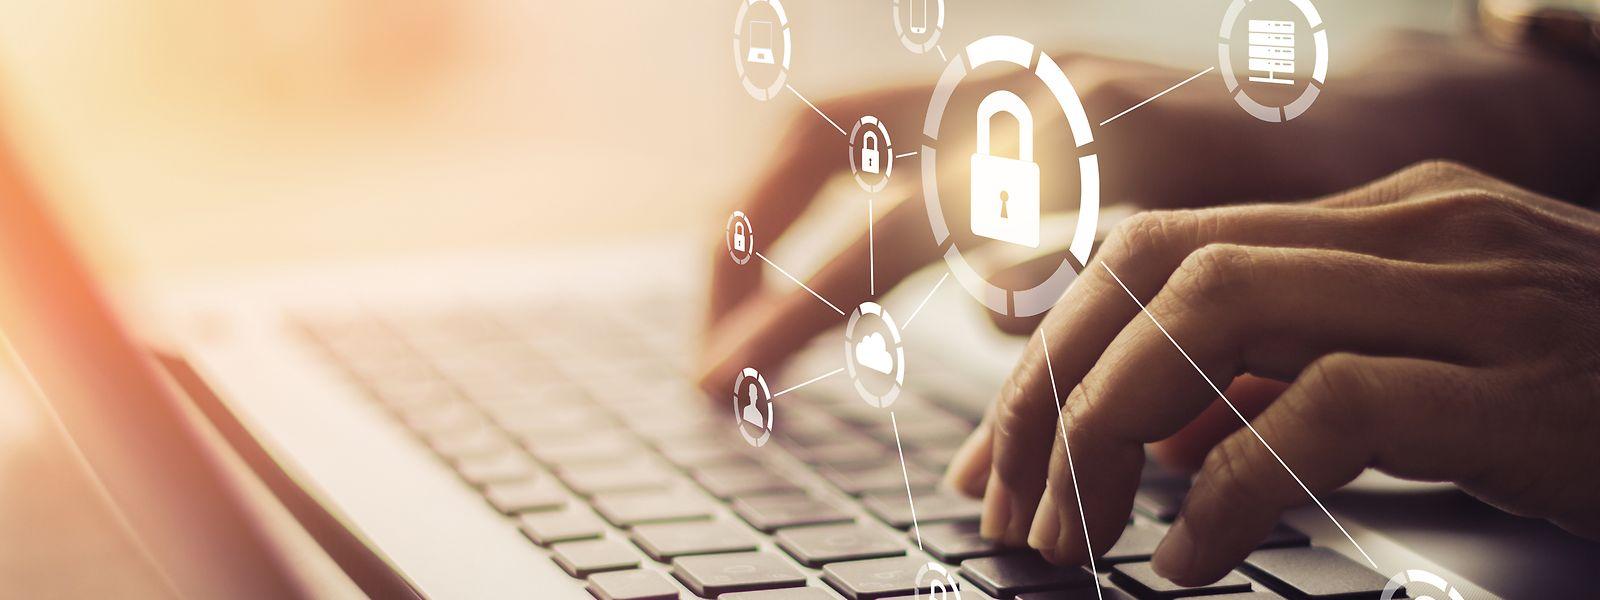 Méfiance dans les familles: à l'heure où plus de personnes ont accès à l'ordinateur, le risque de phishing croît.